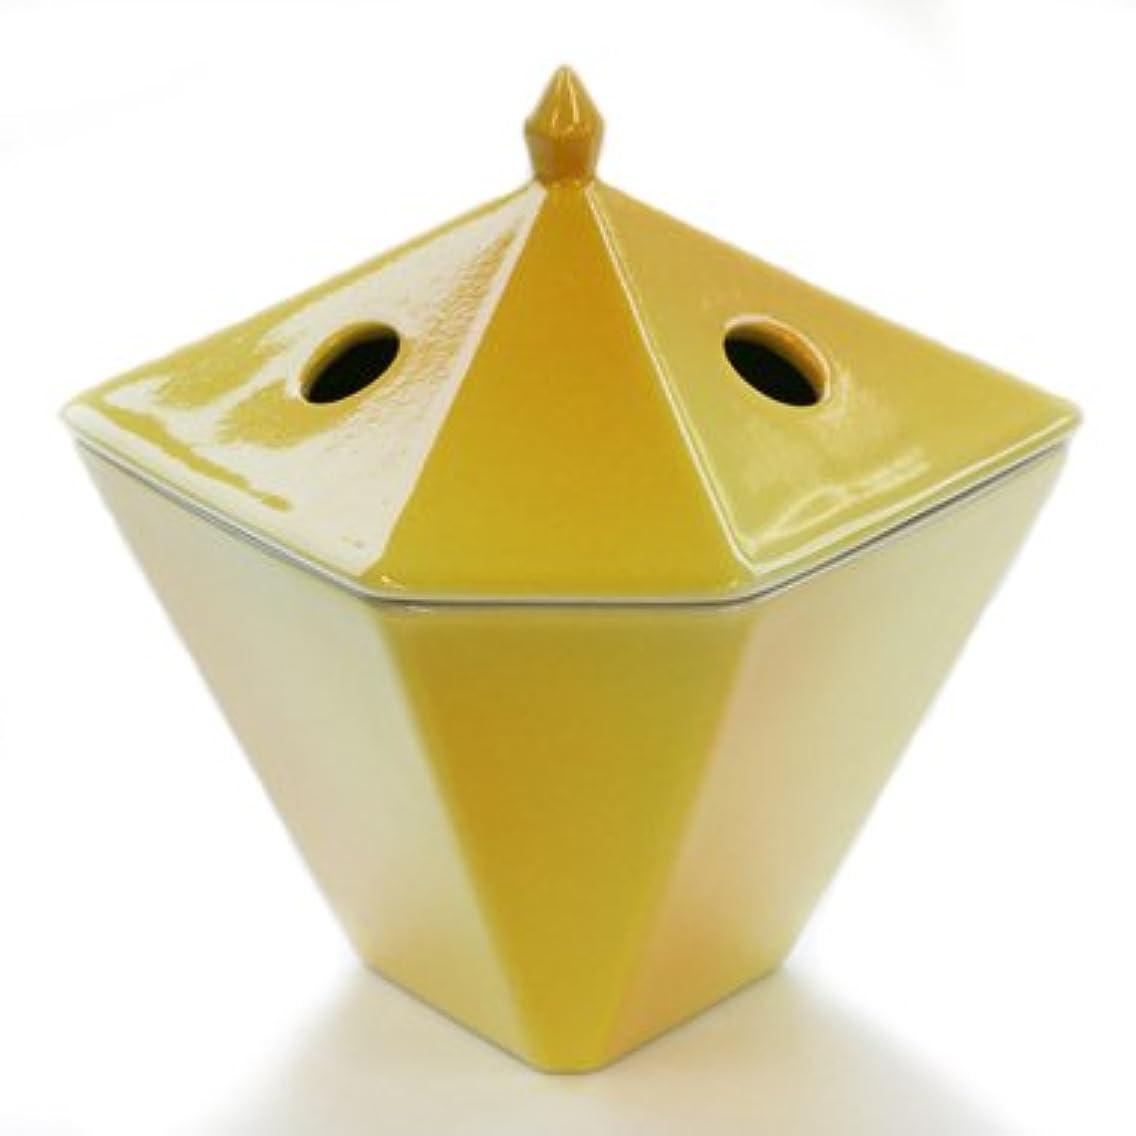 その岩水銀の縁香炉 黄